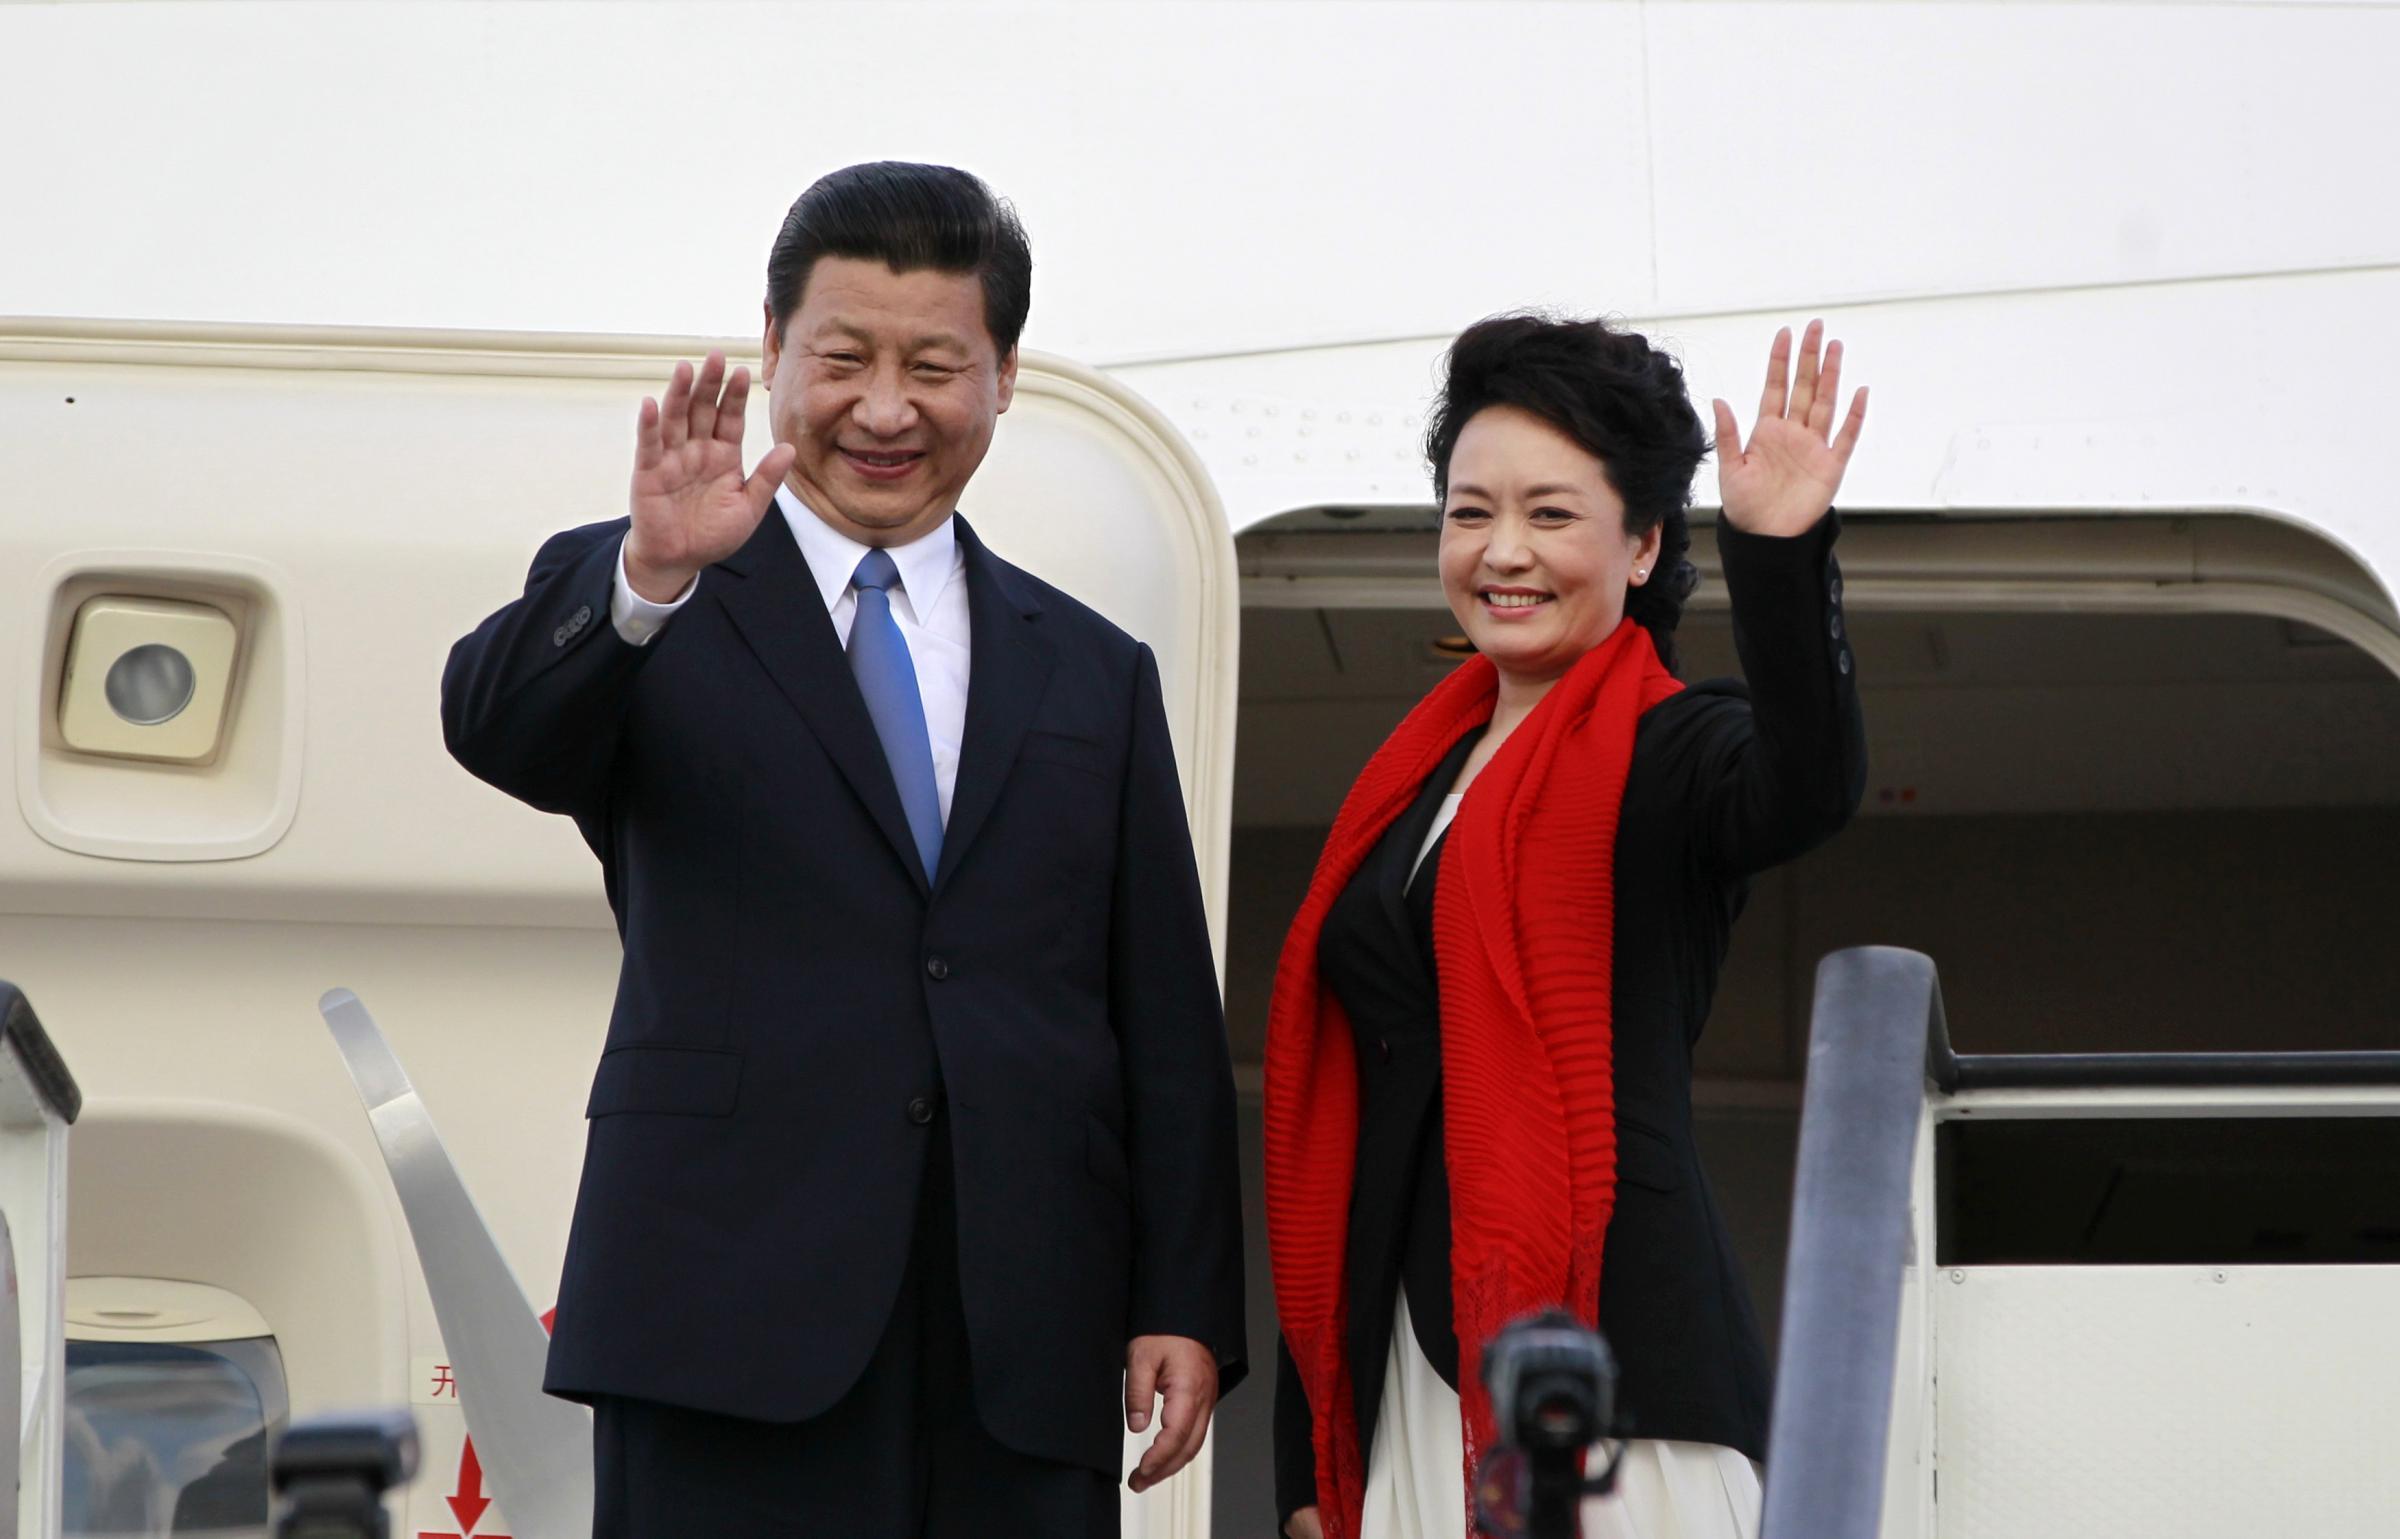 中国国家主席习近平与夫人彭丽媛出访.